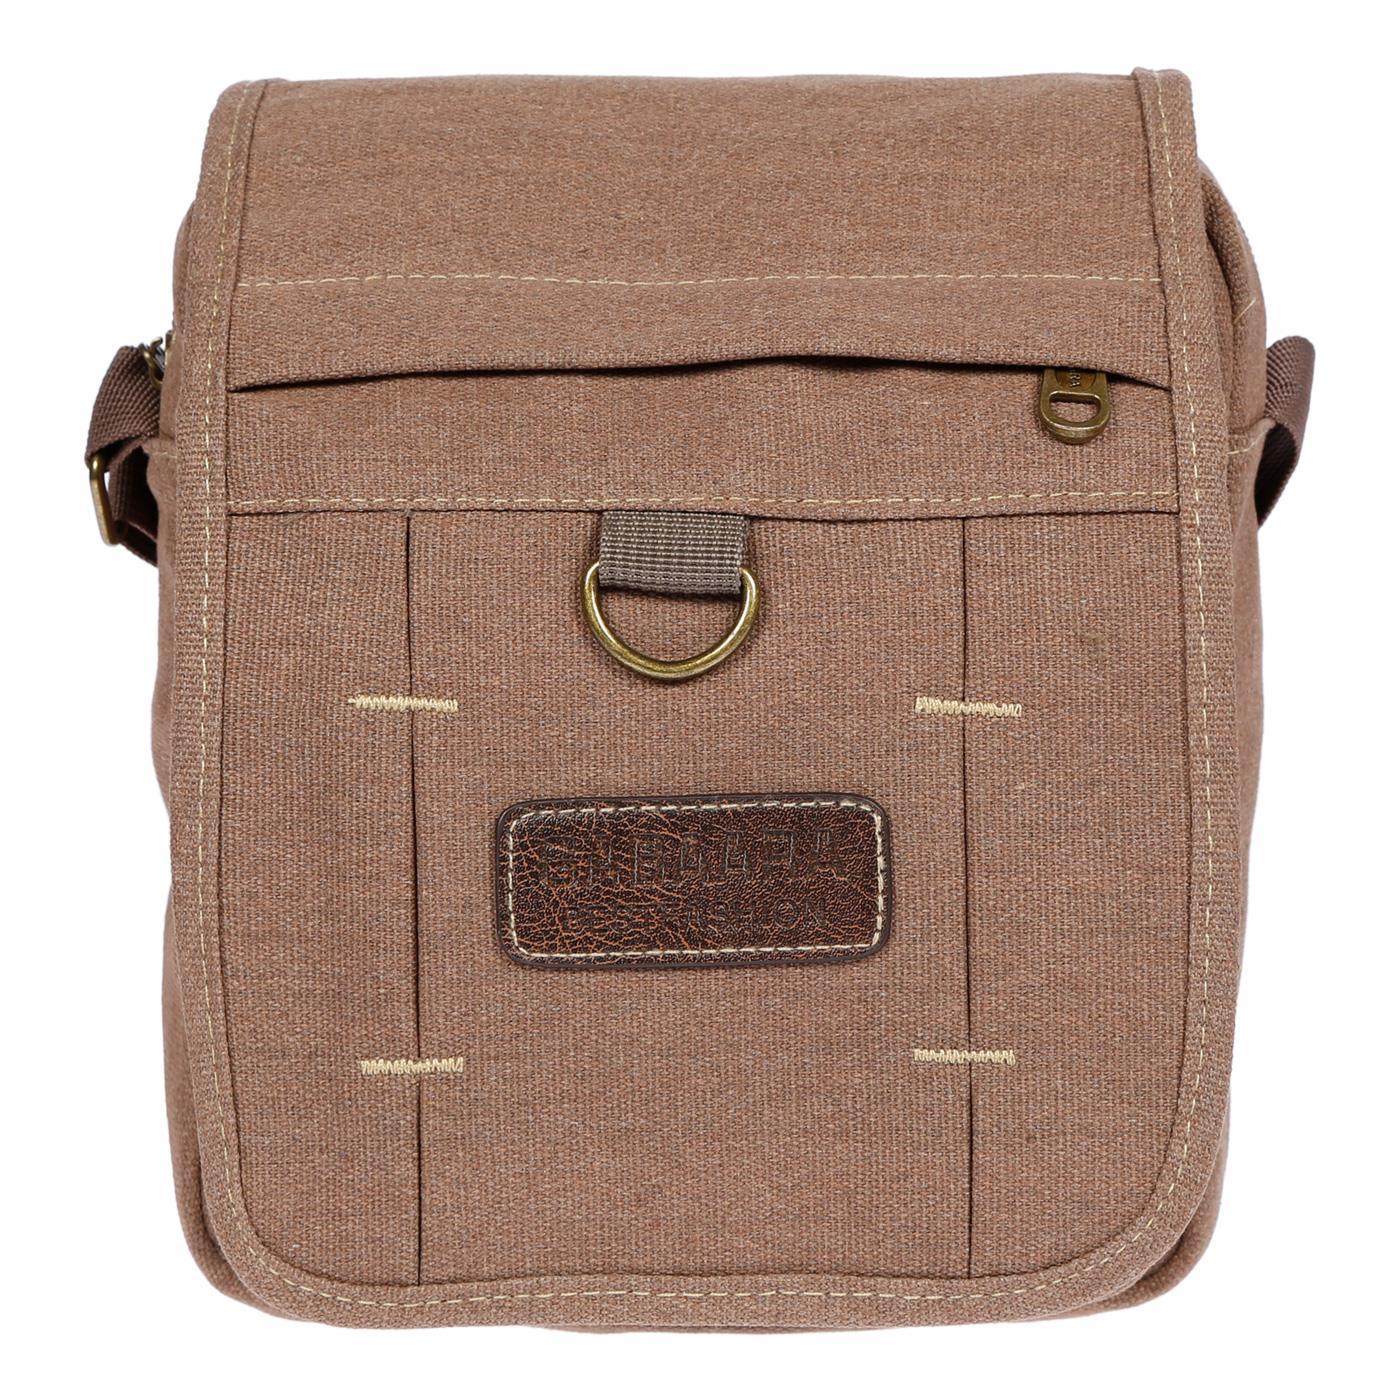 Damen-Herren-Tasche-Canvas-Umhaengetasche-Schultertasche-Crossover-Bag-Handtasche Indexbild 22